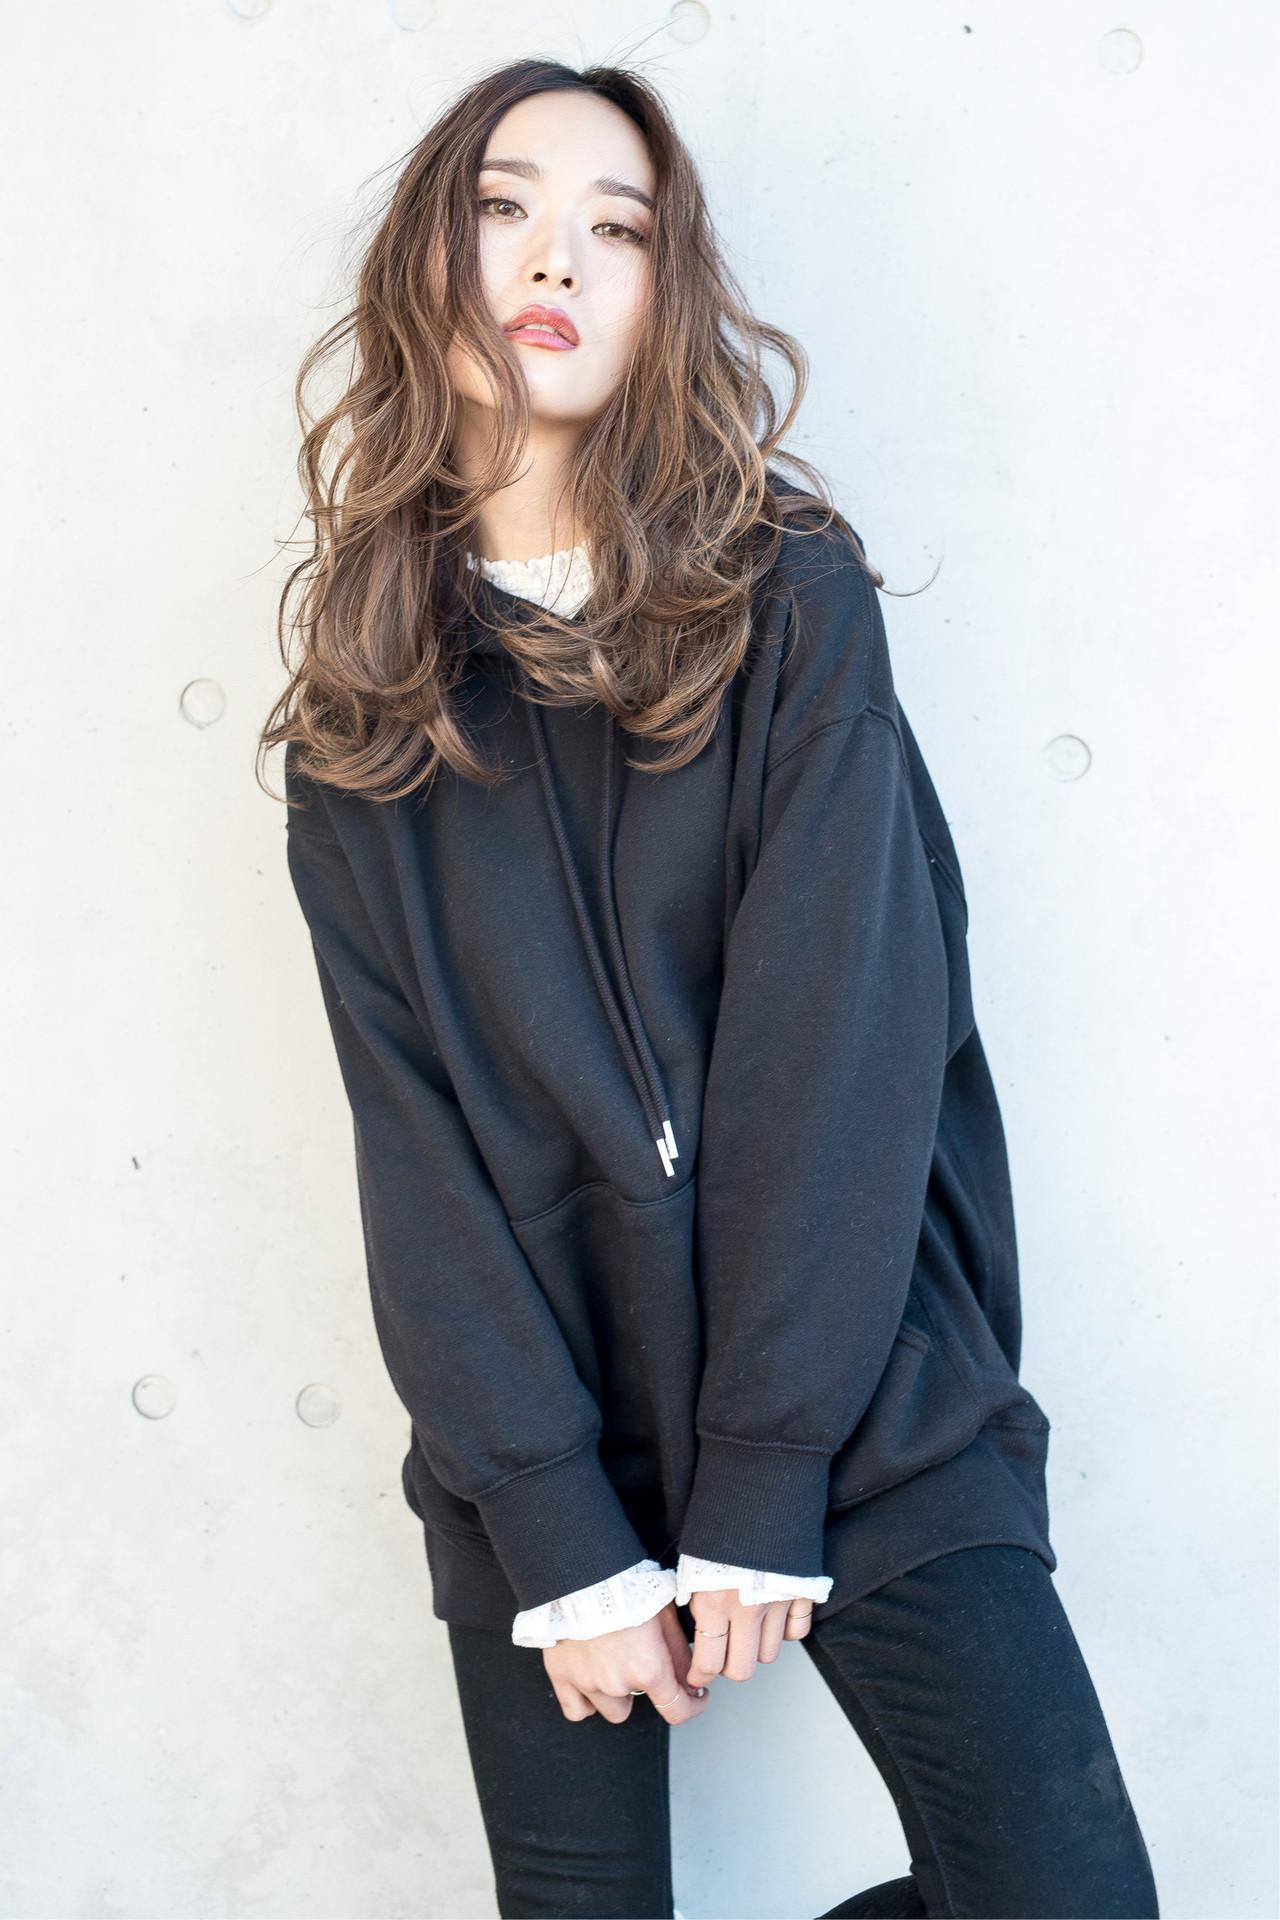 透け感アッシュ 大人女子 セミロング アンニュイほつれヘア ヘアスタイルや髪型の写真・画像 | Fringe 染谷正 / Fringe Hair Salon